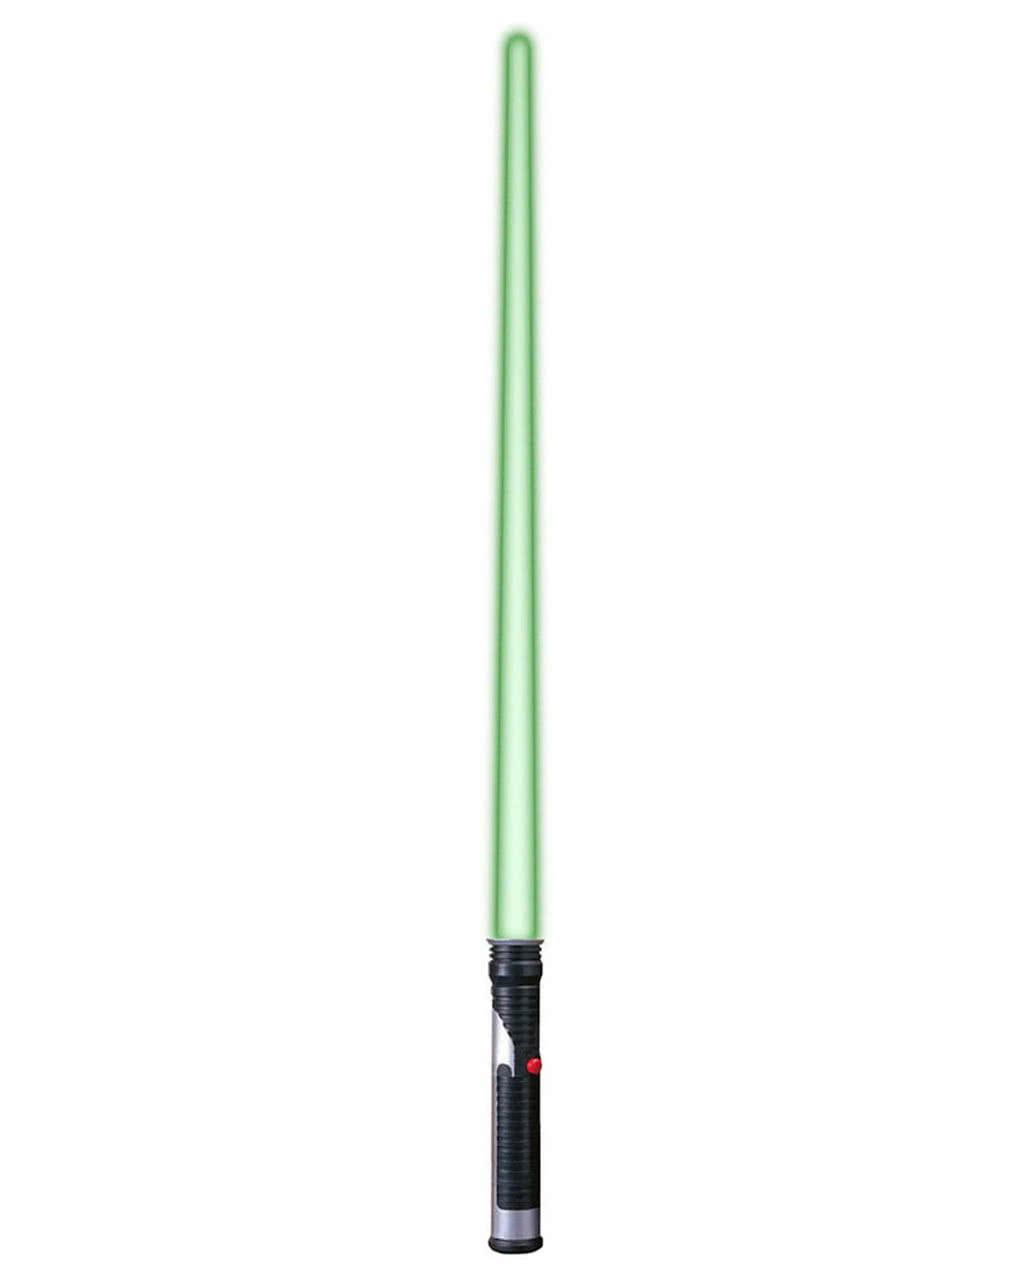 4096e57a0 Qui-Gon Jinn Jedi Knight Laserschwert Buy Original Star Wars Light Bulb